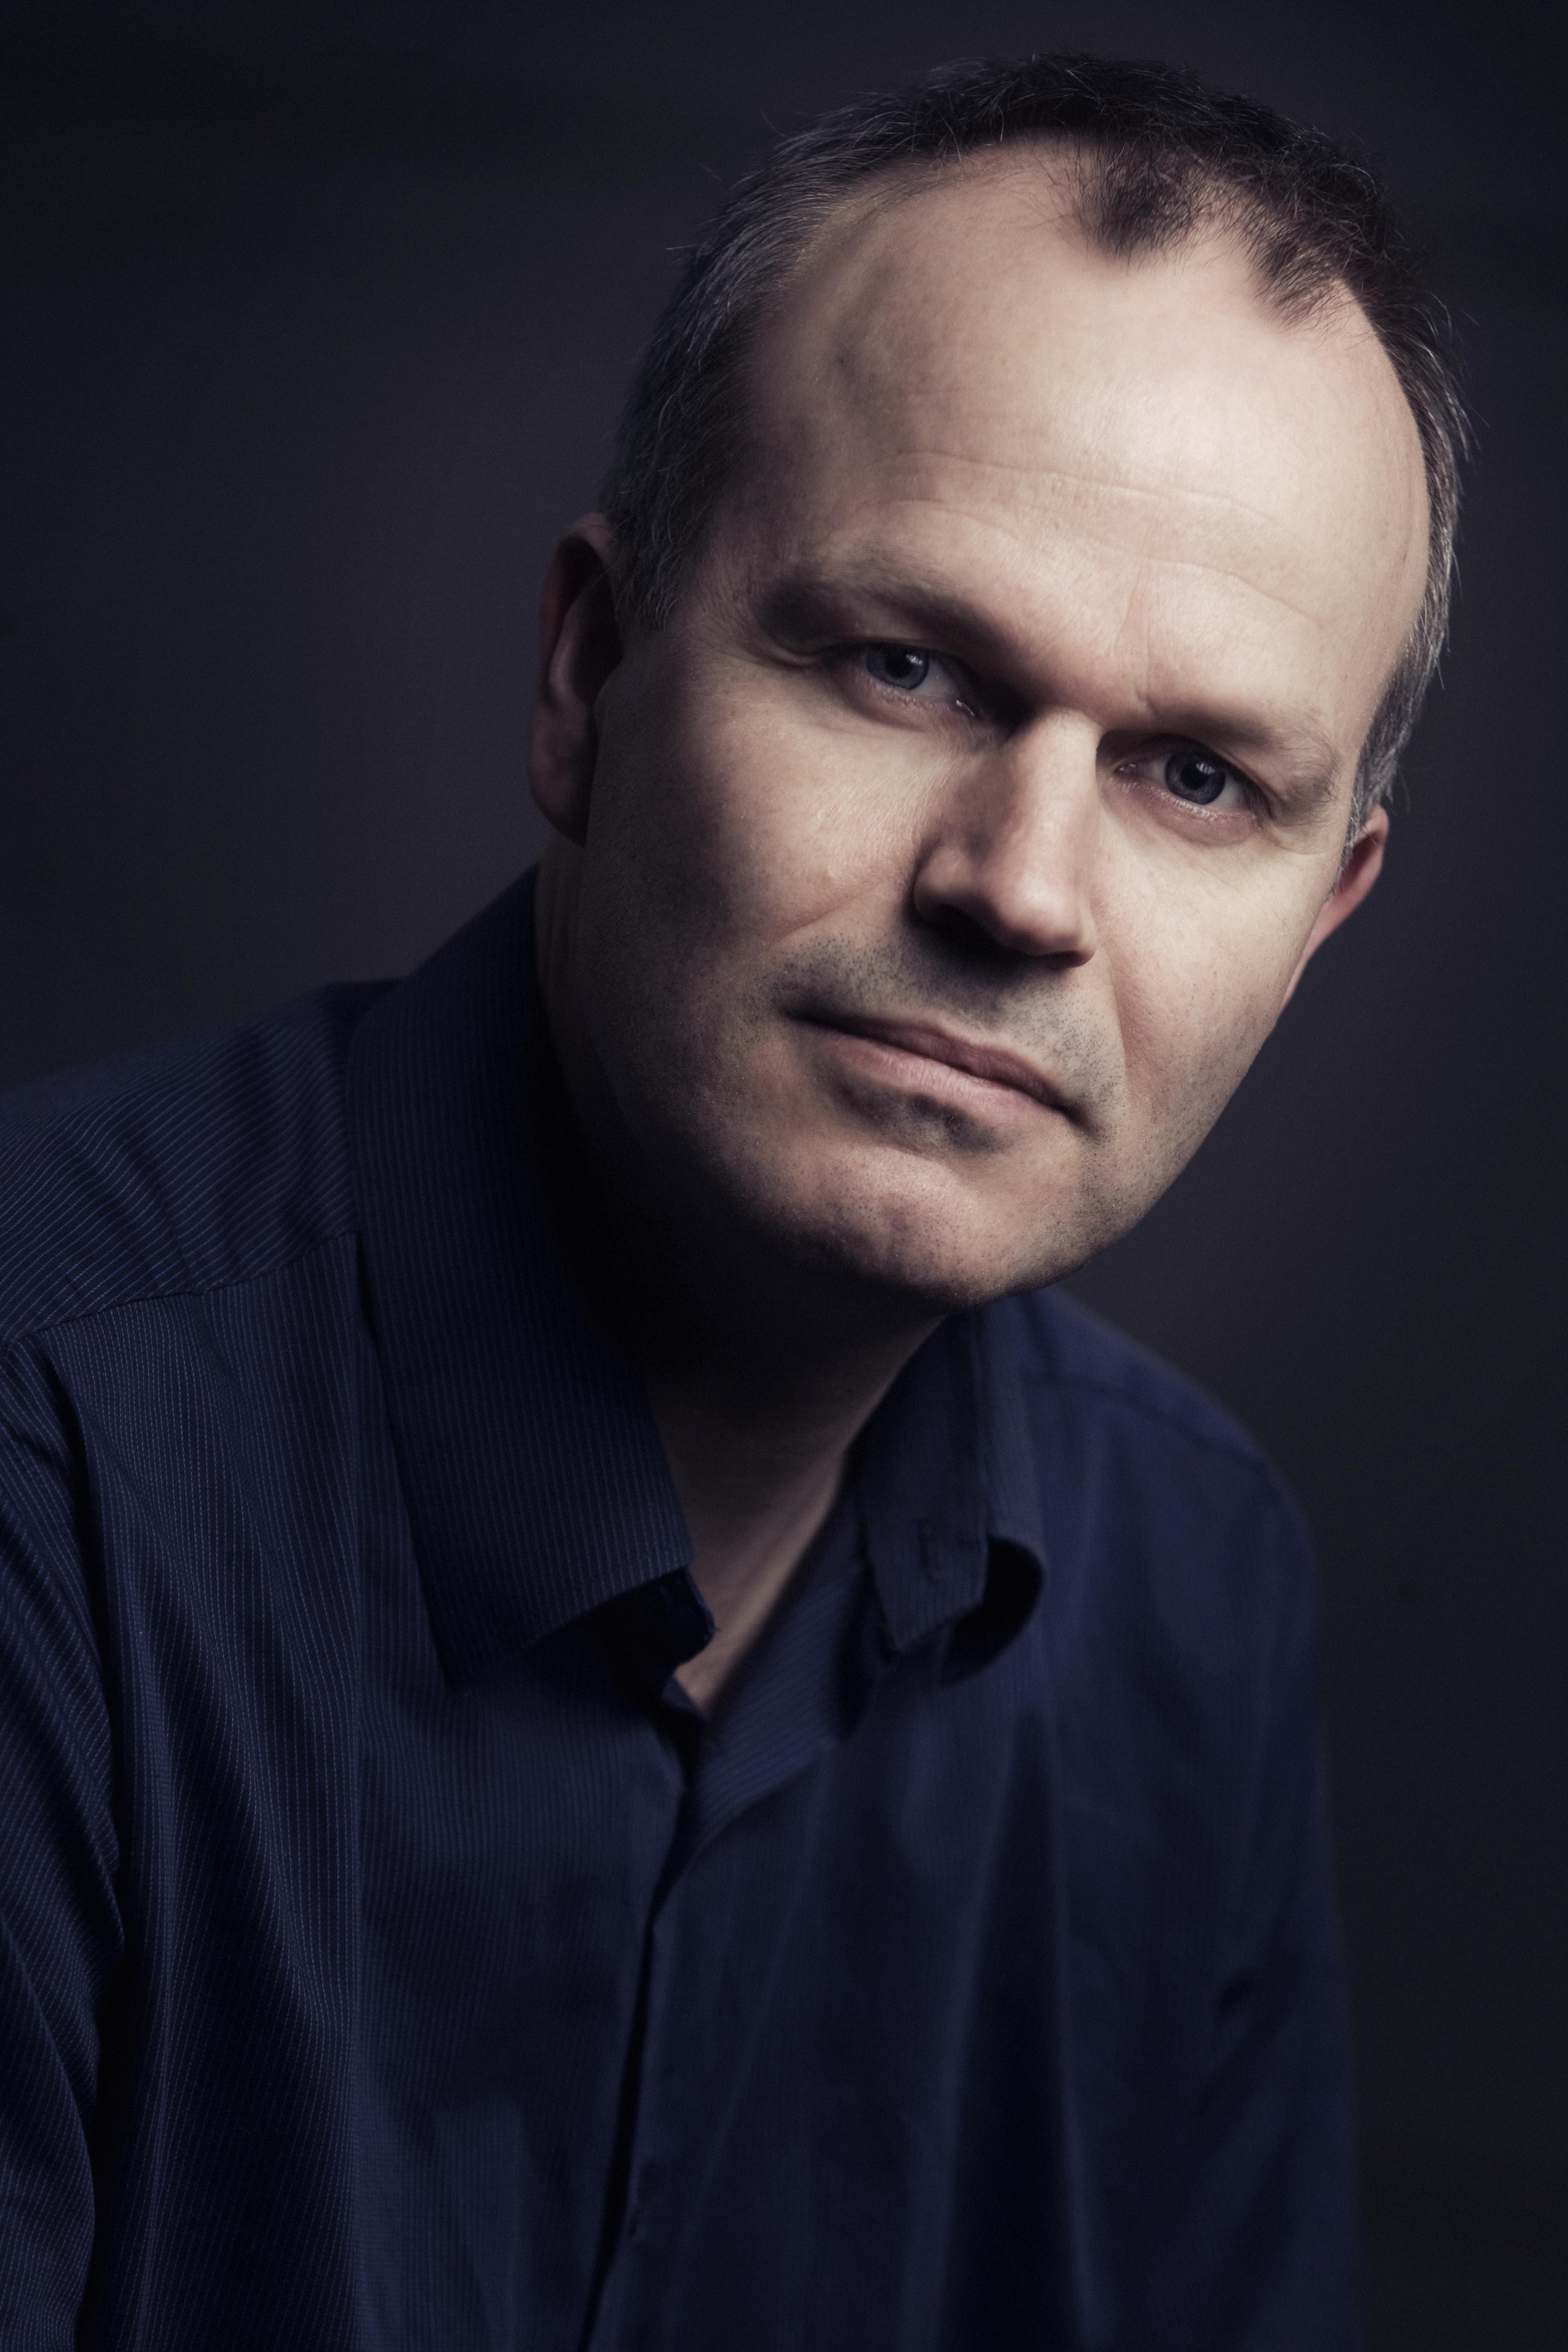 Pressefoto Tore Rem, forfatter til 'Knut Hamsun - Rejsen til Hitler'